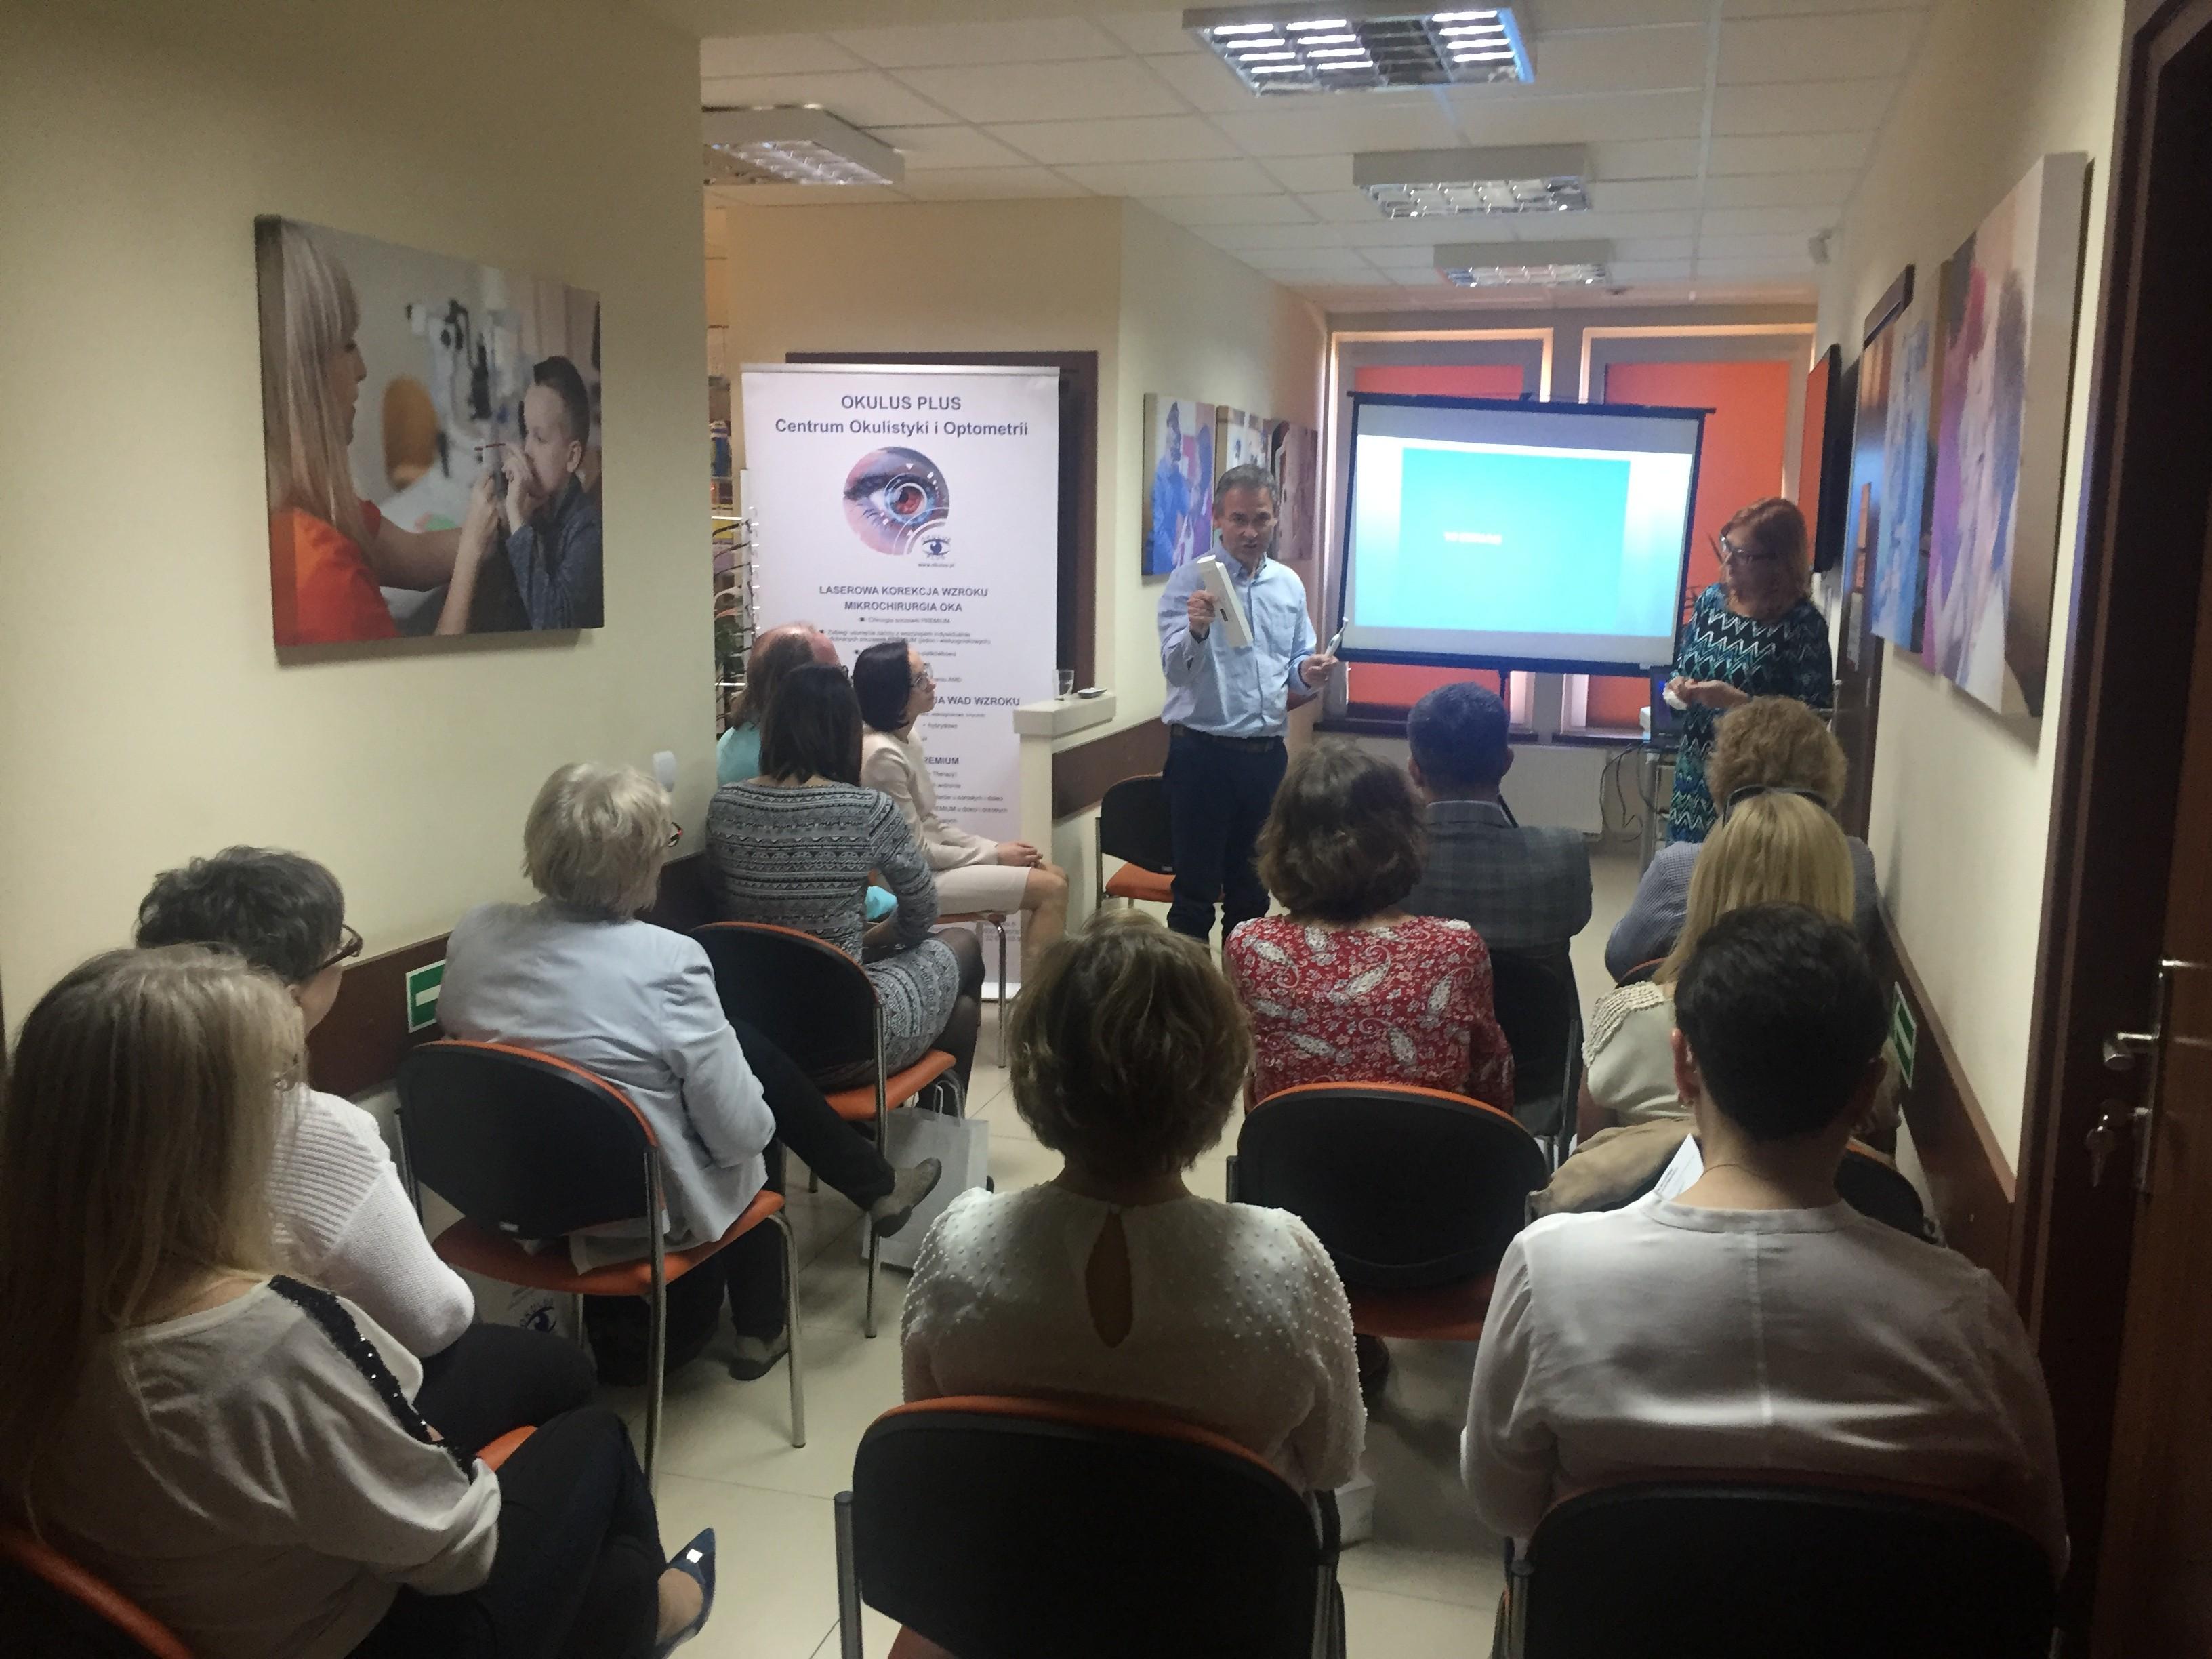 Ortokorekcja   OKULUS PLUS Centrum Okulistyki i Optometrii